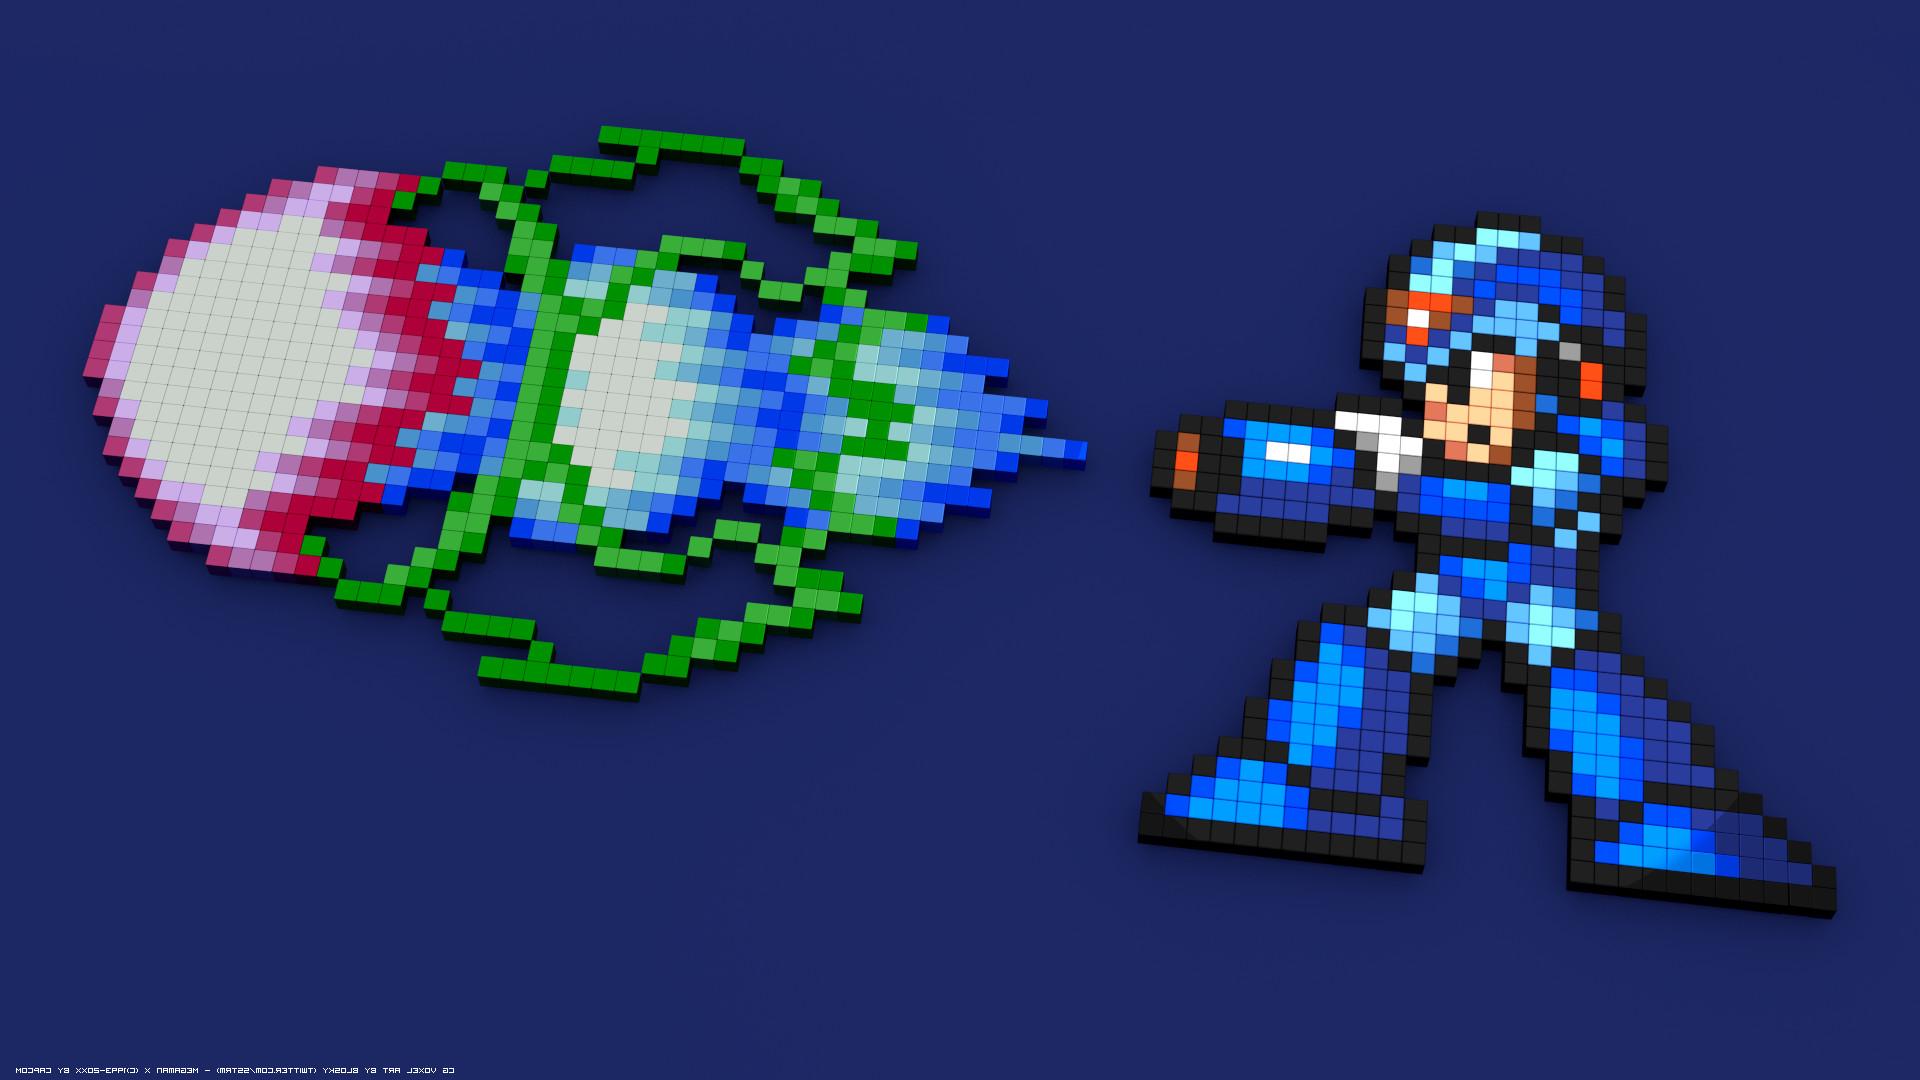 1920x1080 8 Bit Mario Wallpapers - Wallpaper Cave. Download · 1920x1200 ...